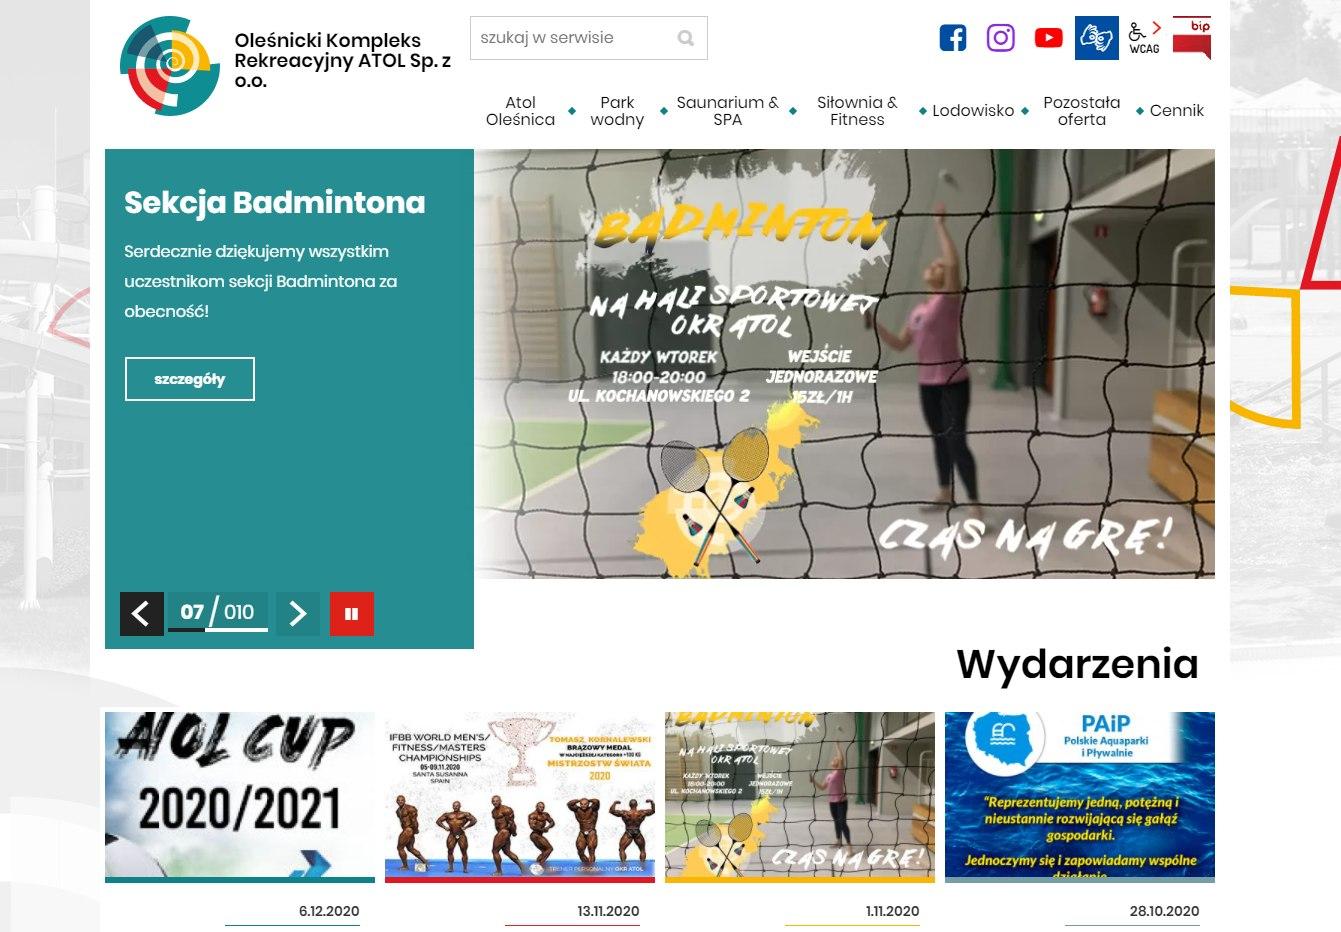 Strona internetowa OKR Atol